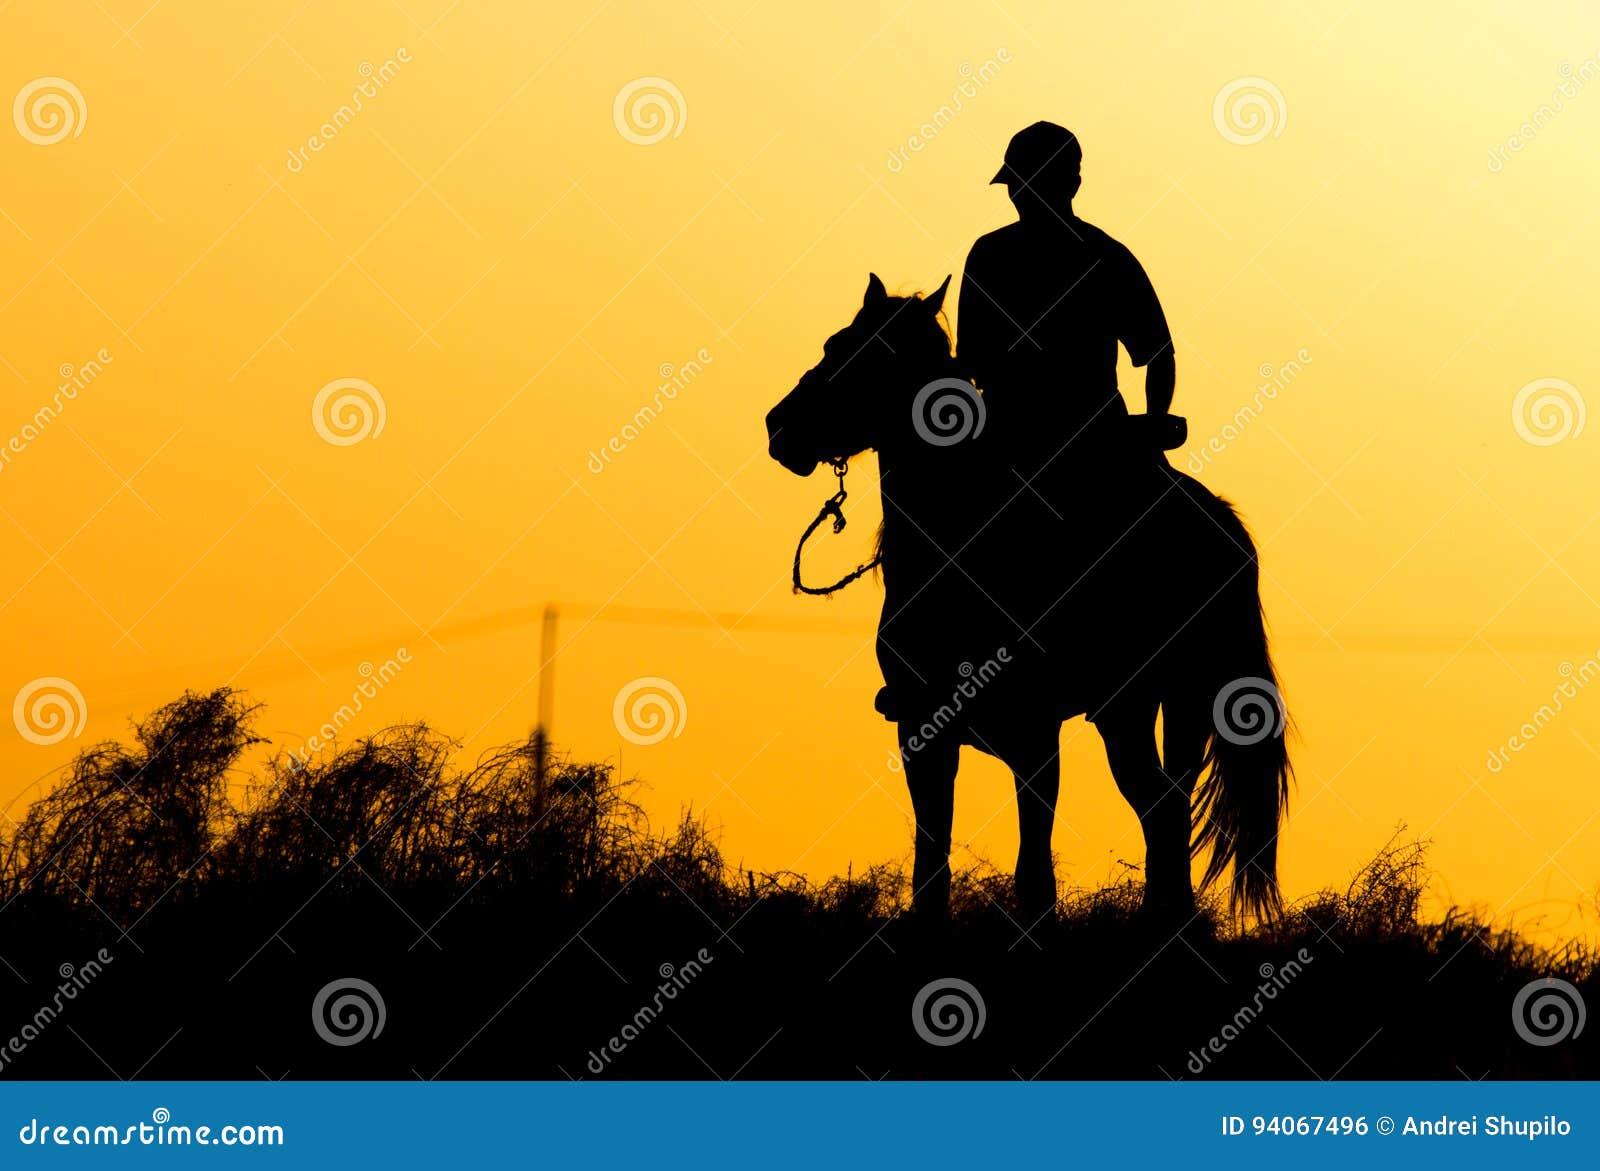 Silueta de un hombre en un caballo en la puesta del sol